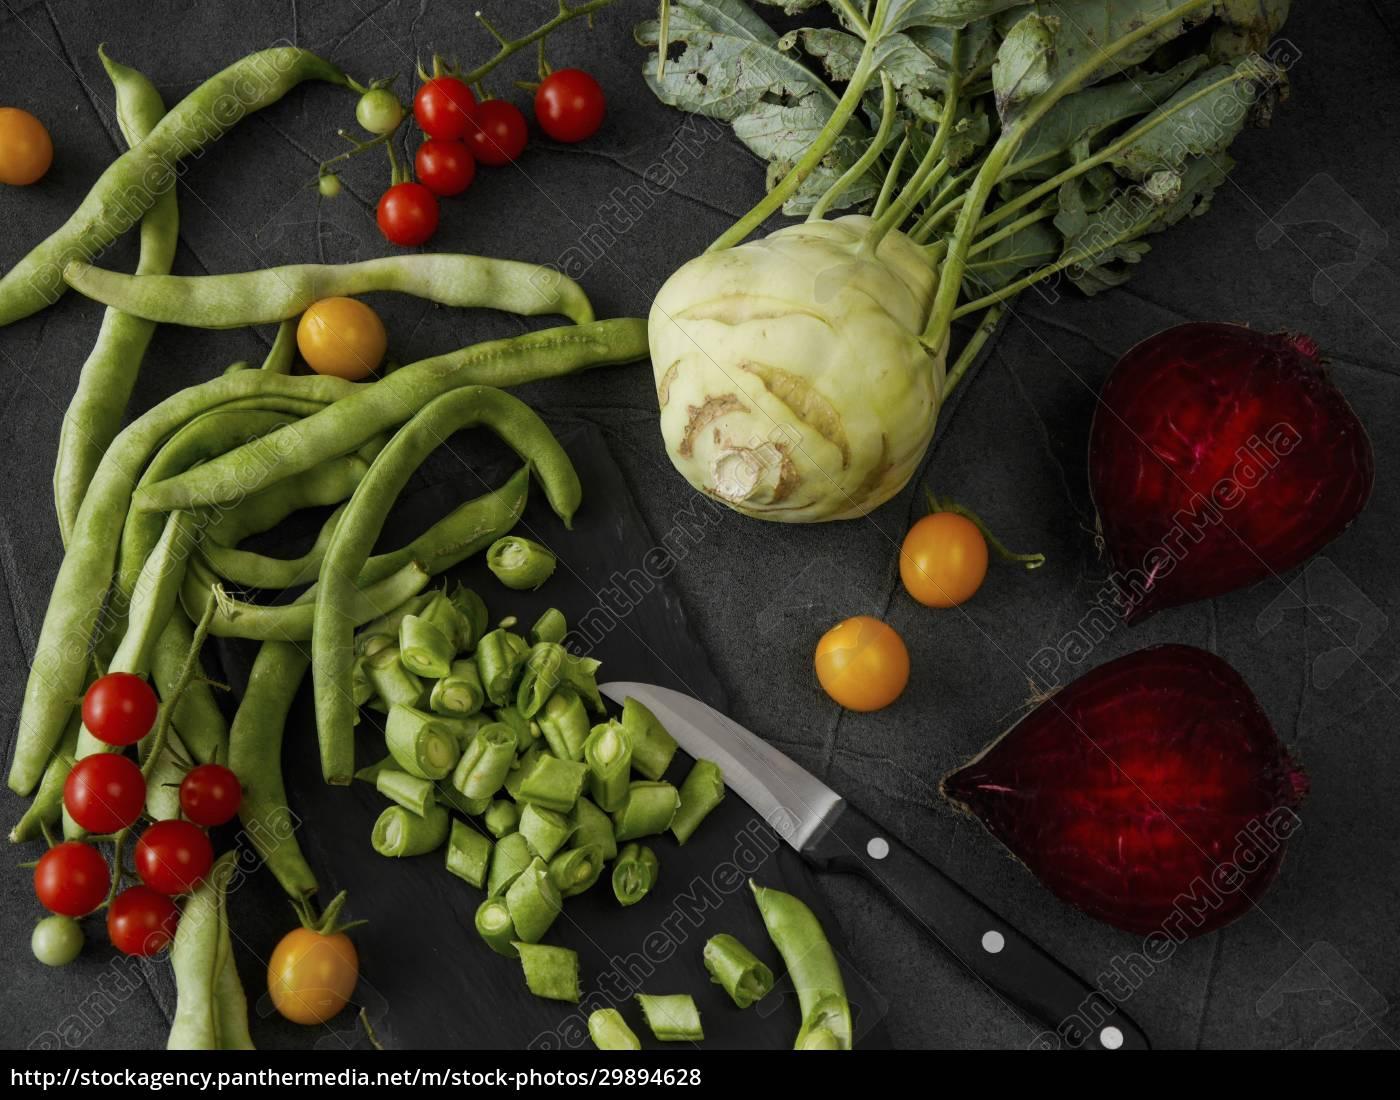 natura, morta, vegetale, con, fagioli, pomodori, kohlrabi, e - 29894628